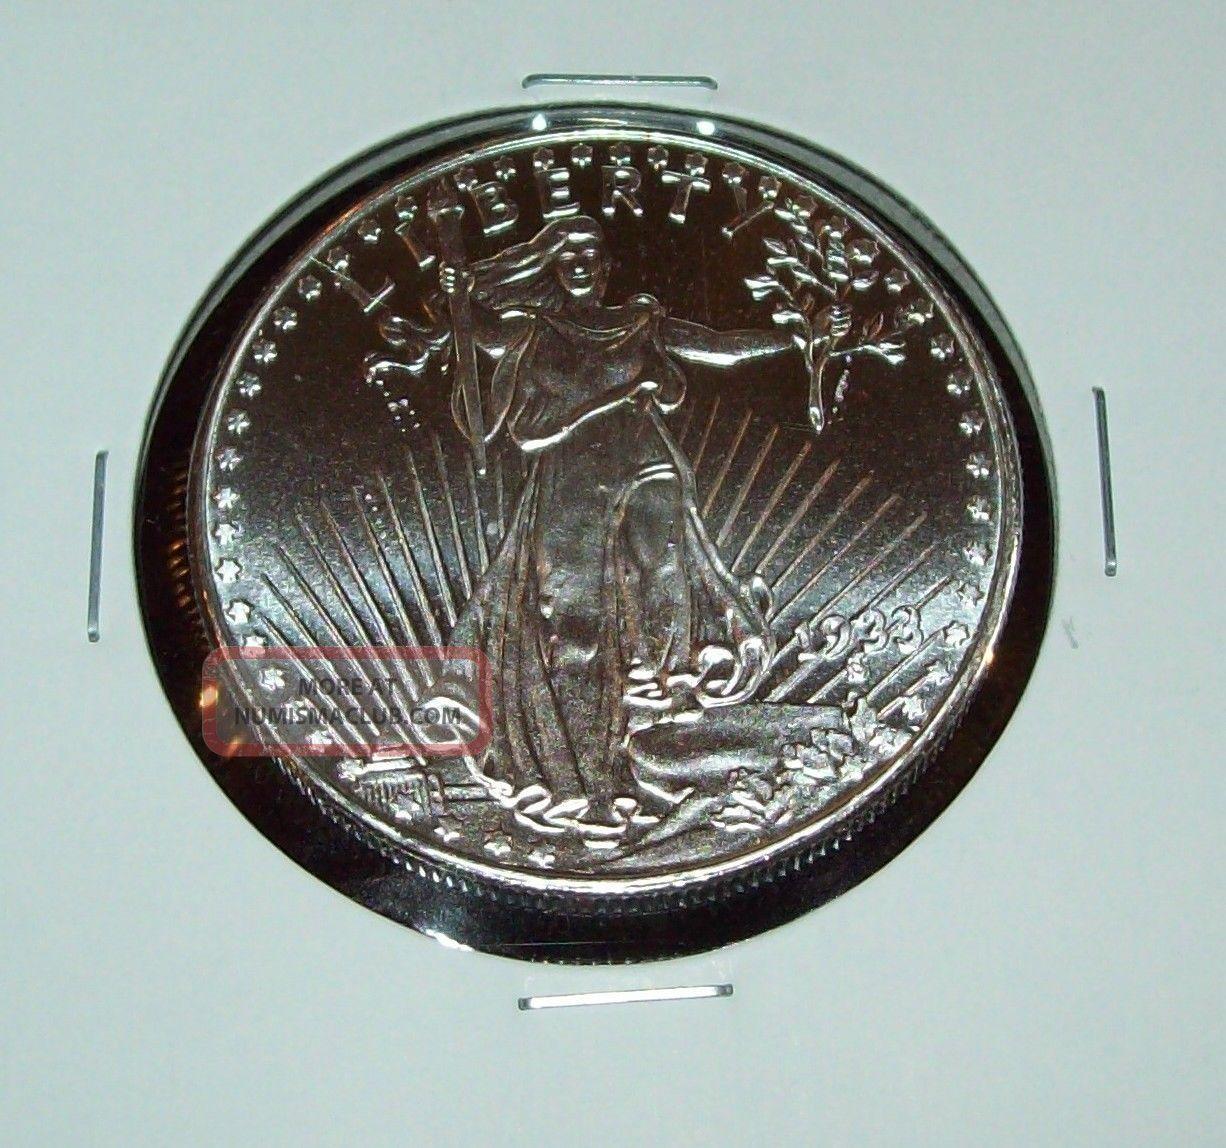 St Gaudens Design 1 Troy Oz 999 Fine Silver Round One